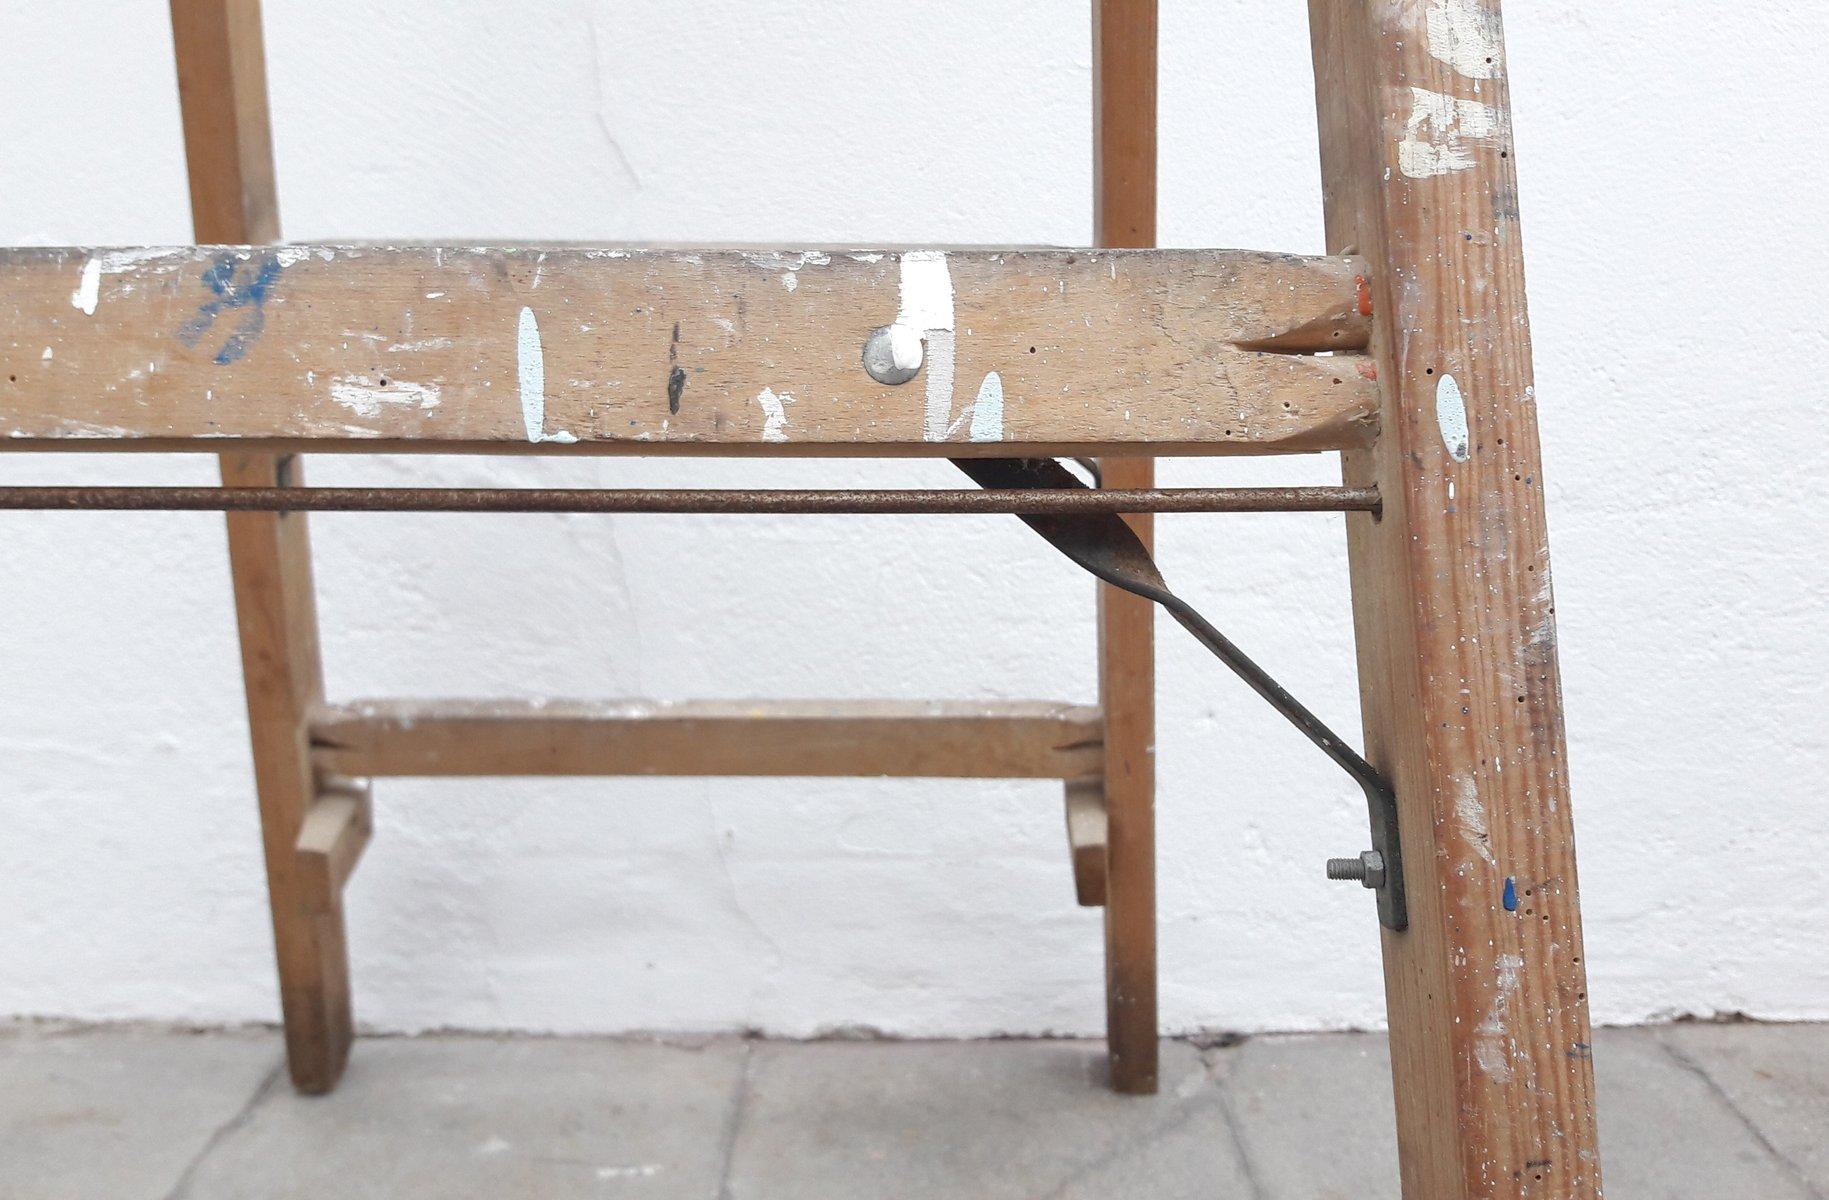 Scaletta In Legno Pieghevole : Scala a pioli da pittore pieghevole in legno anni 60 in vendita su